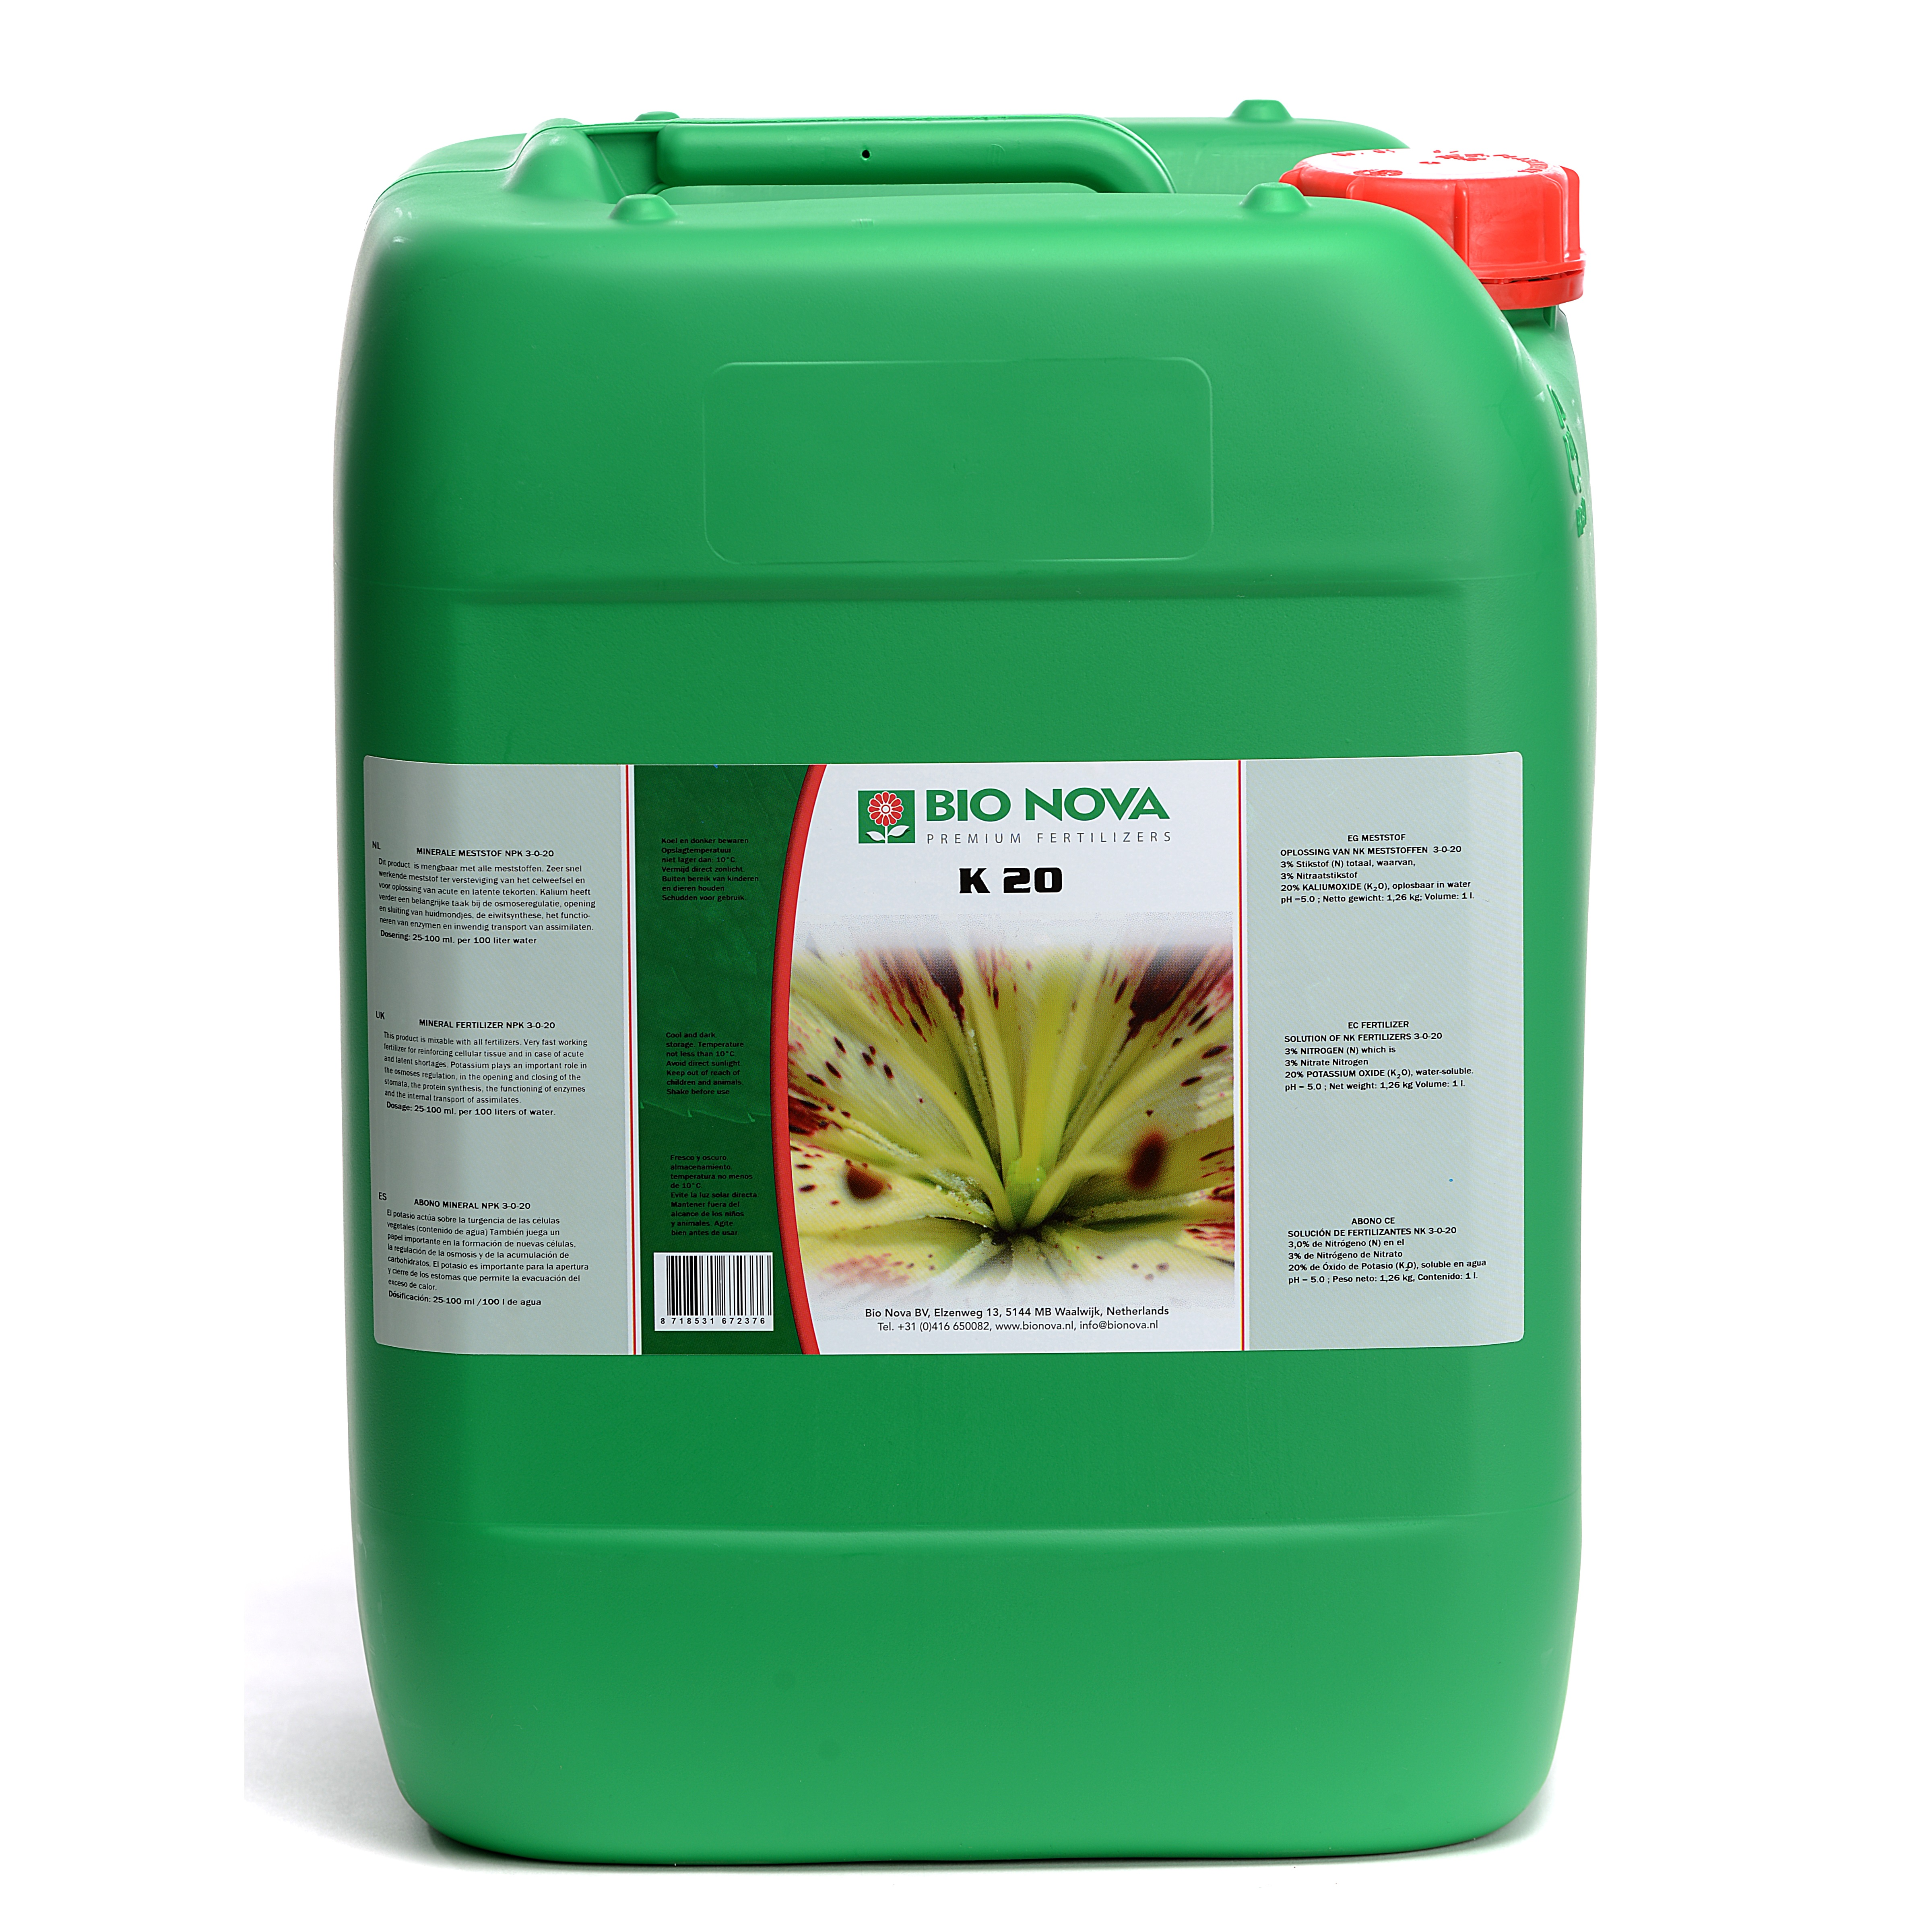 Bio Nova BN K 20 20 Liter